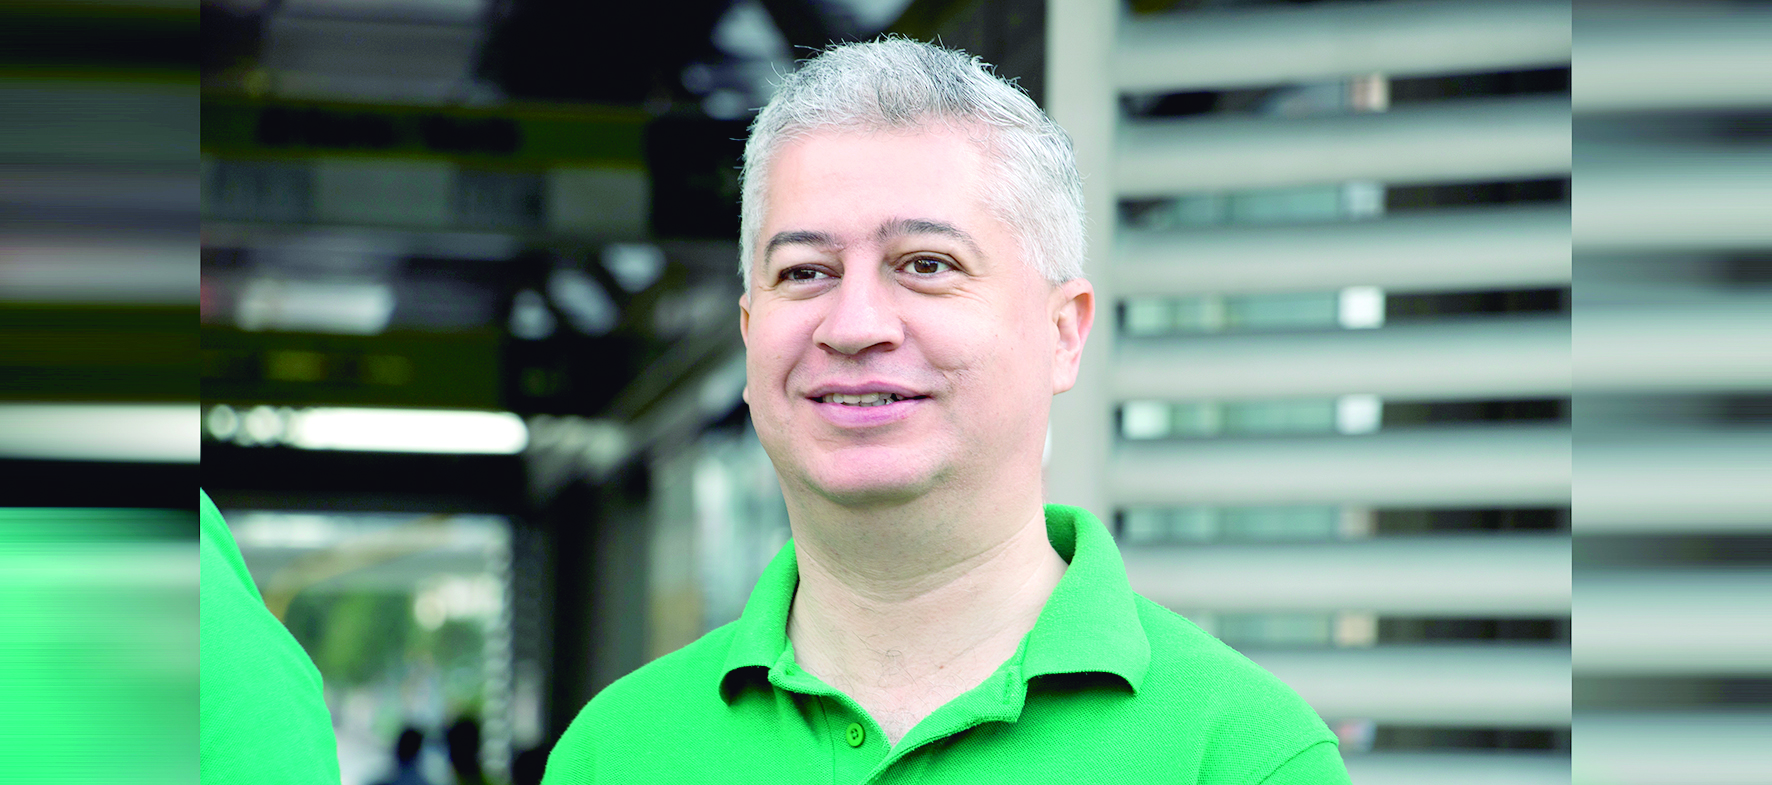 Asumirá el cargo de forma inmediata. Juan Pablo Ruiz es el nuevo Director de Tránsito de Bucaramanga | EL FRENTE